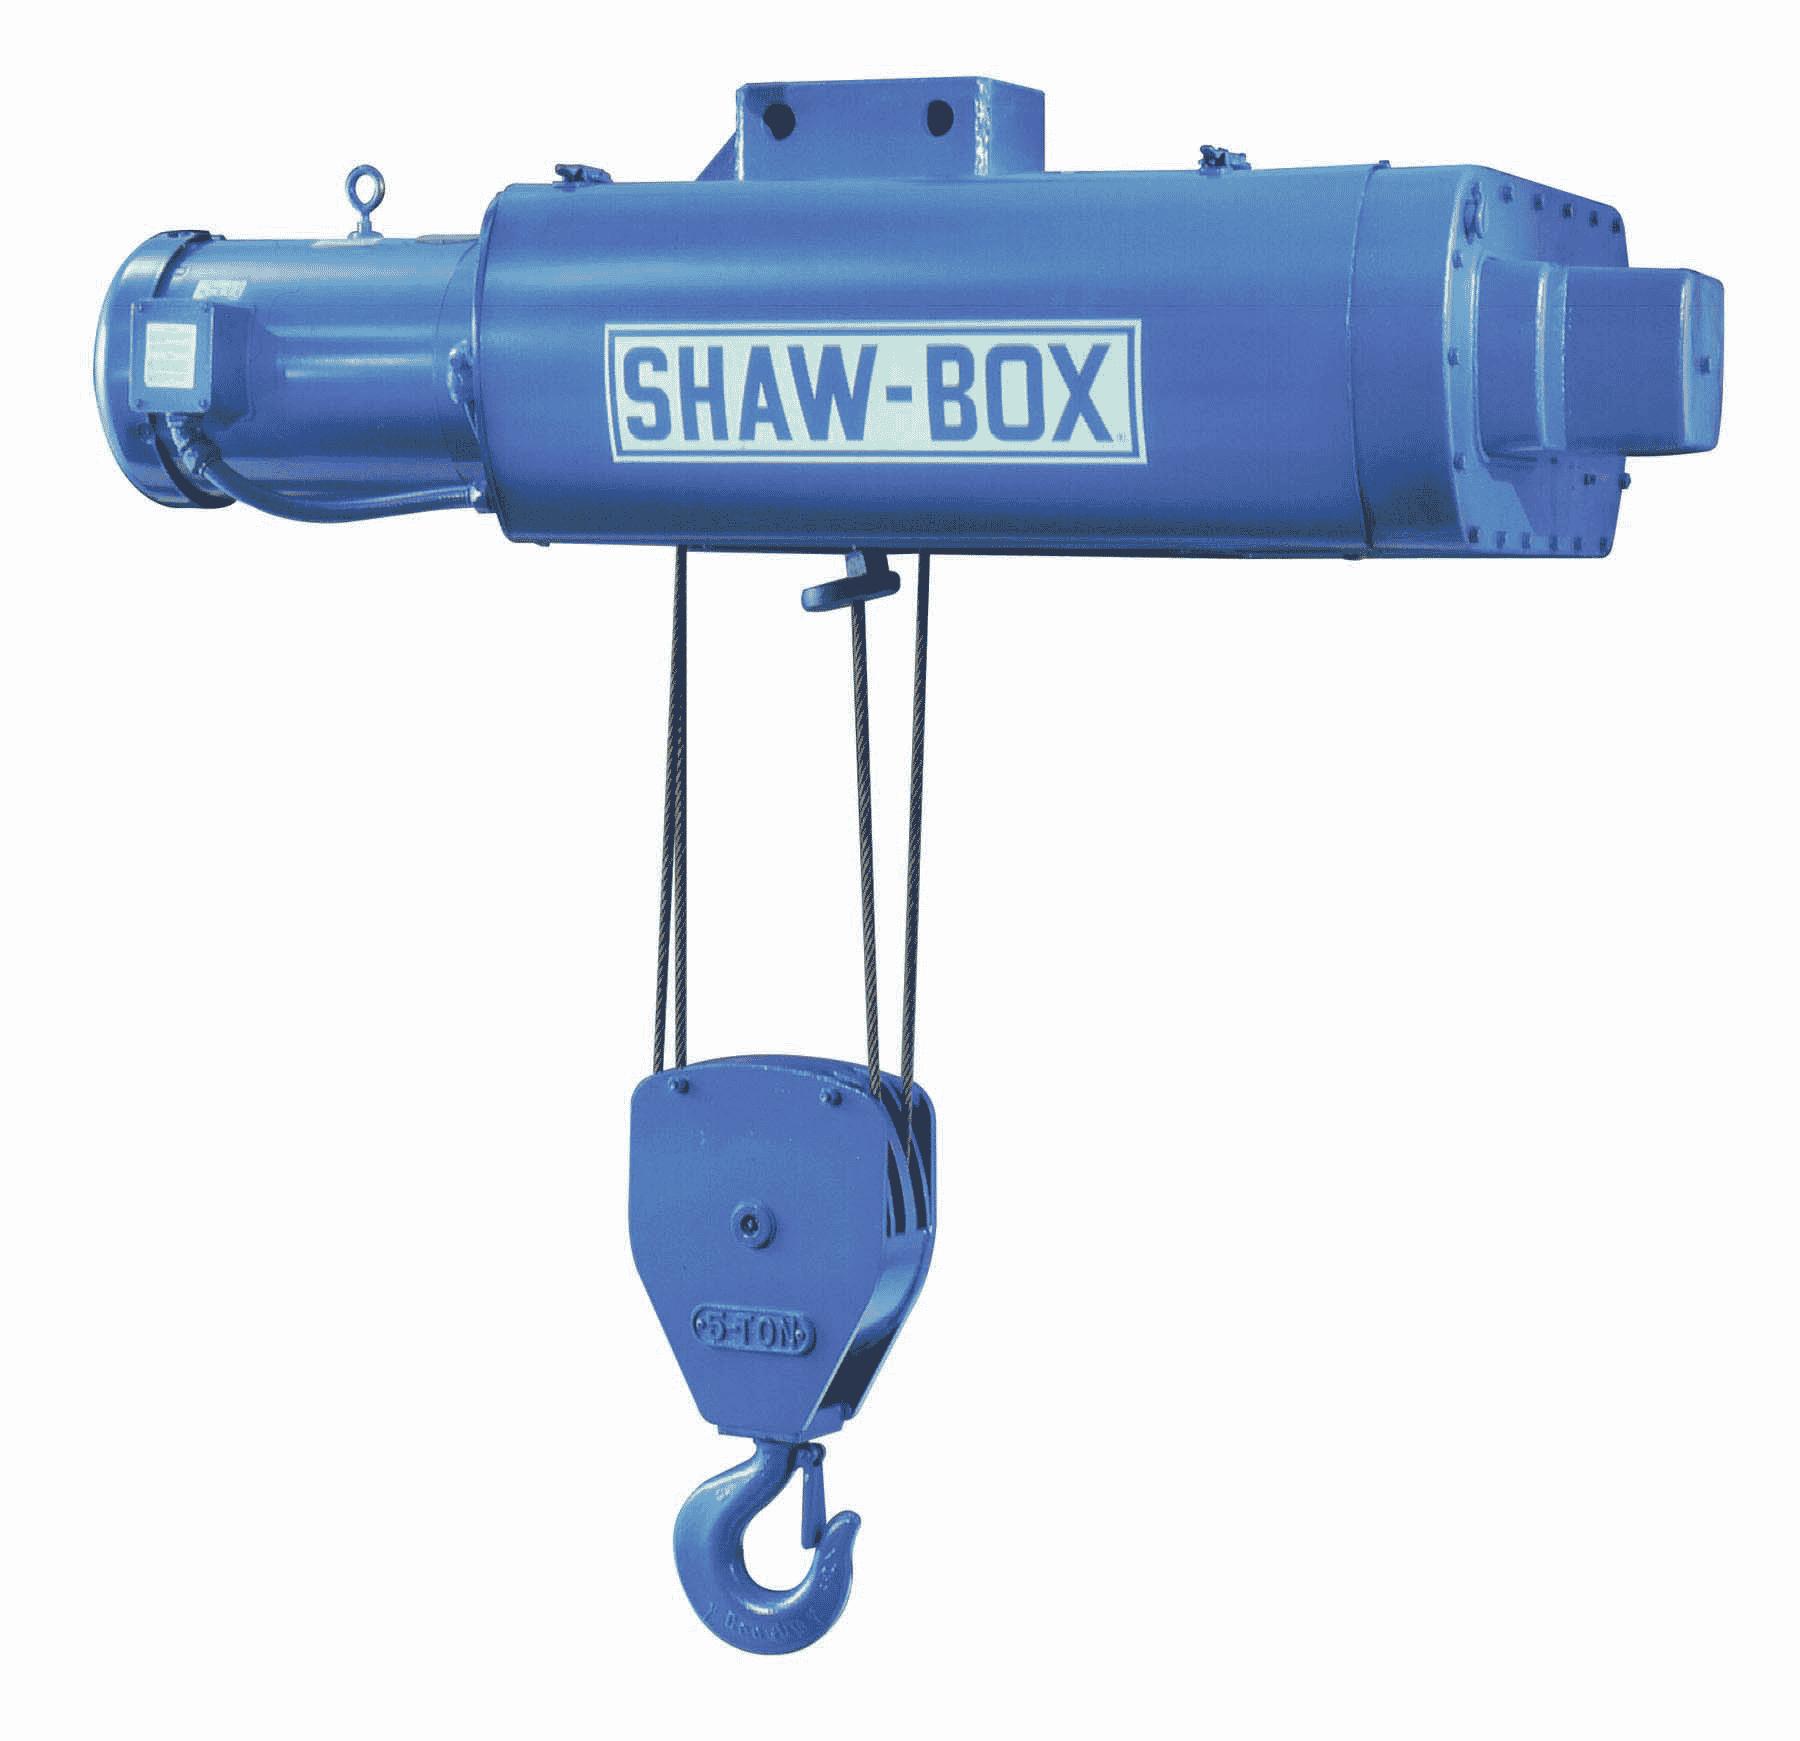 SHAW-BOX® Series 700